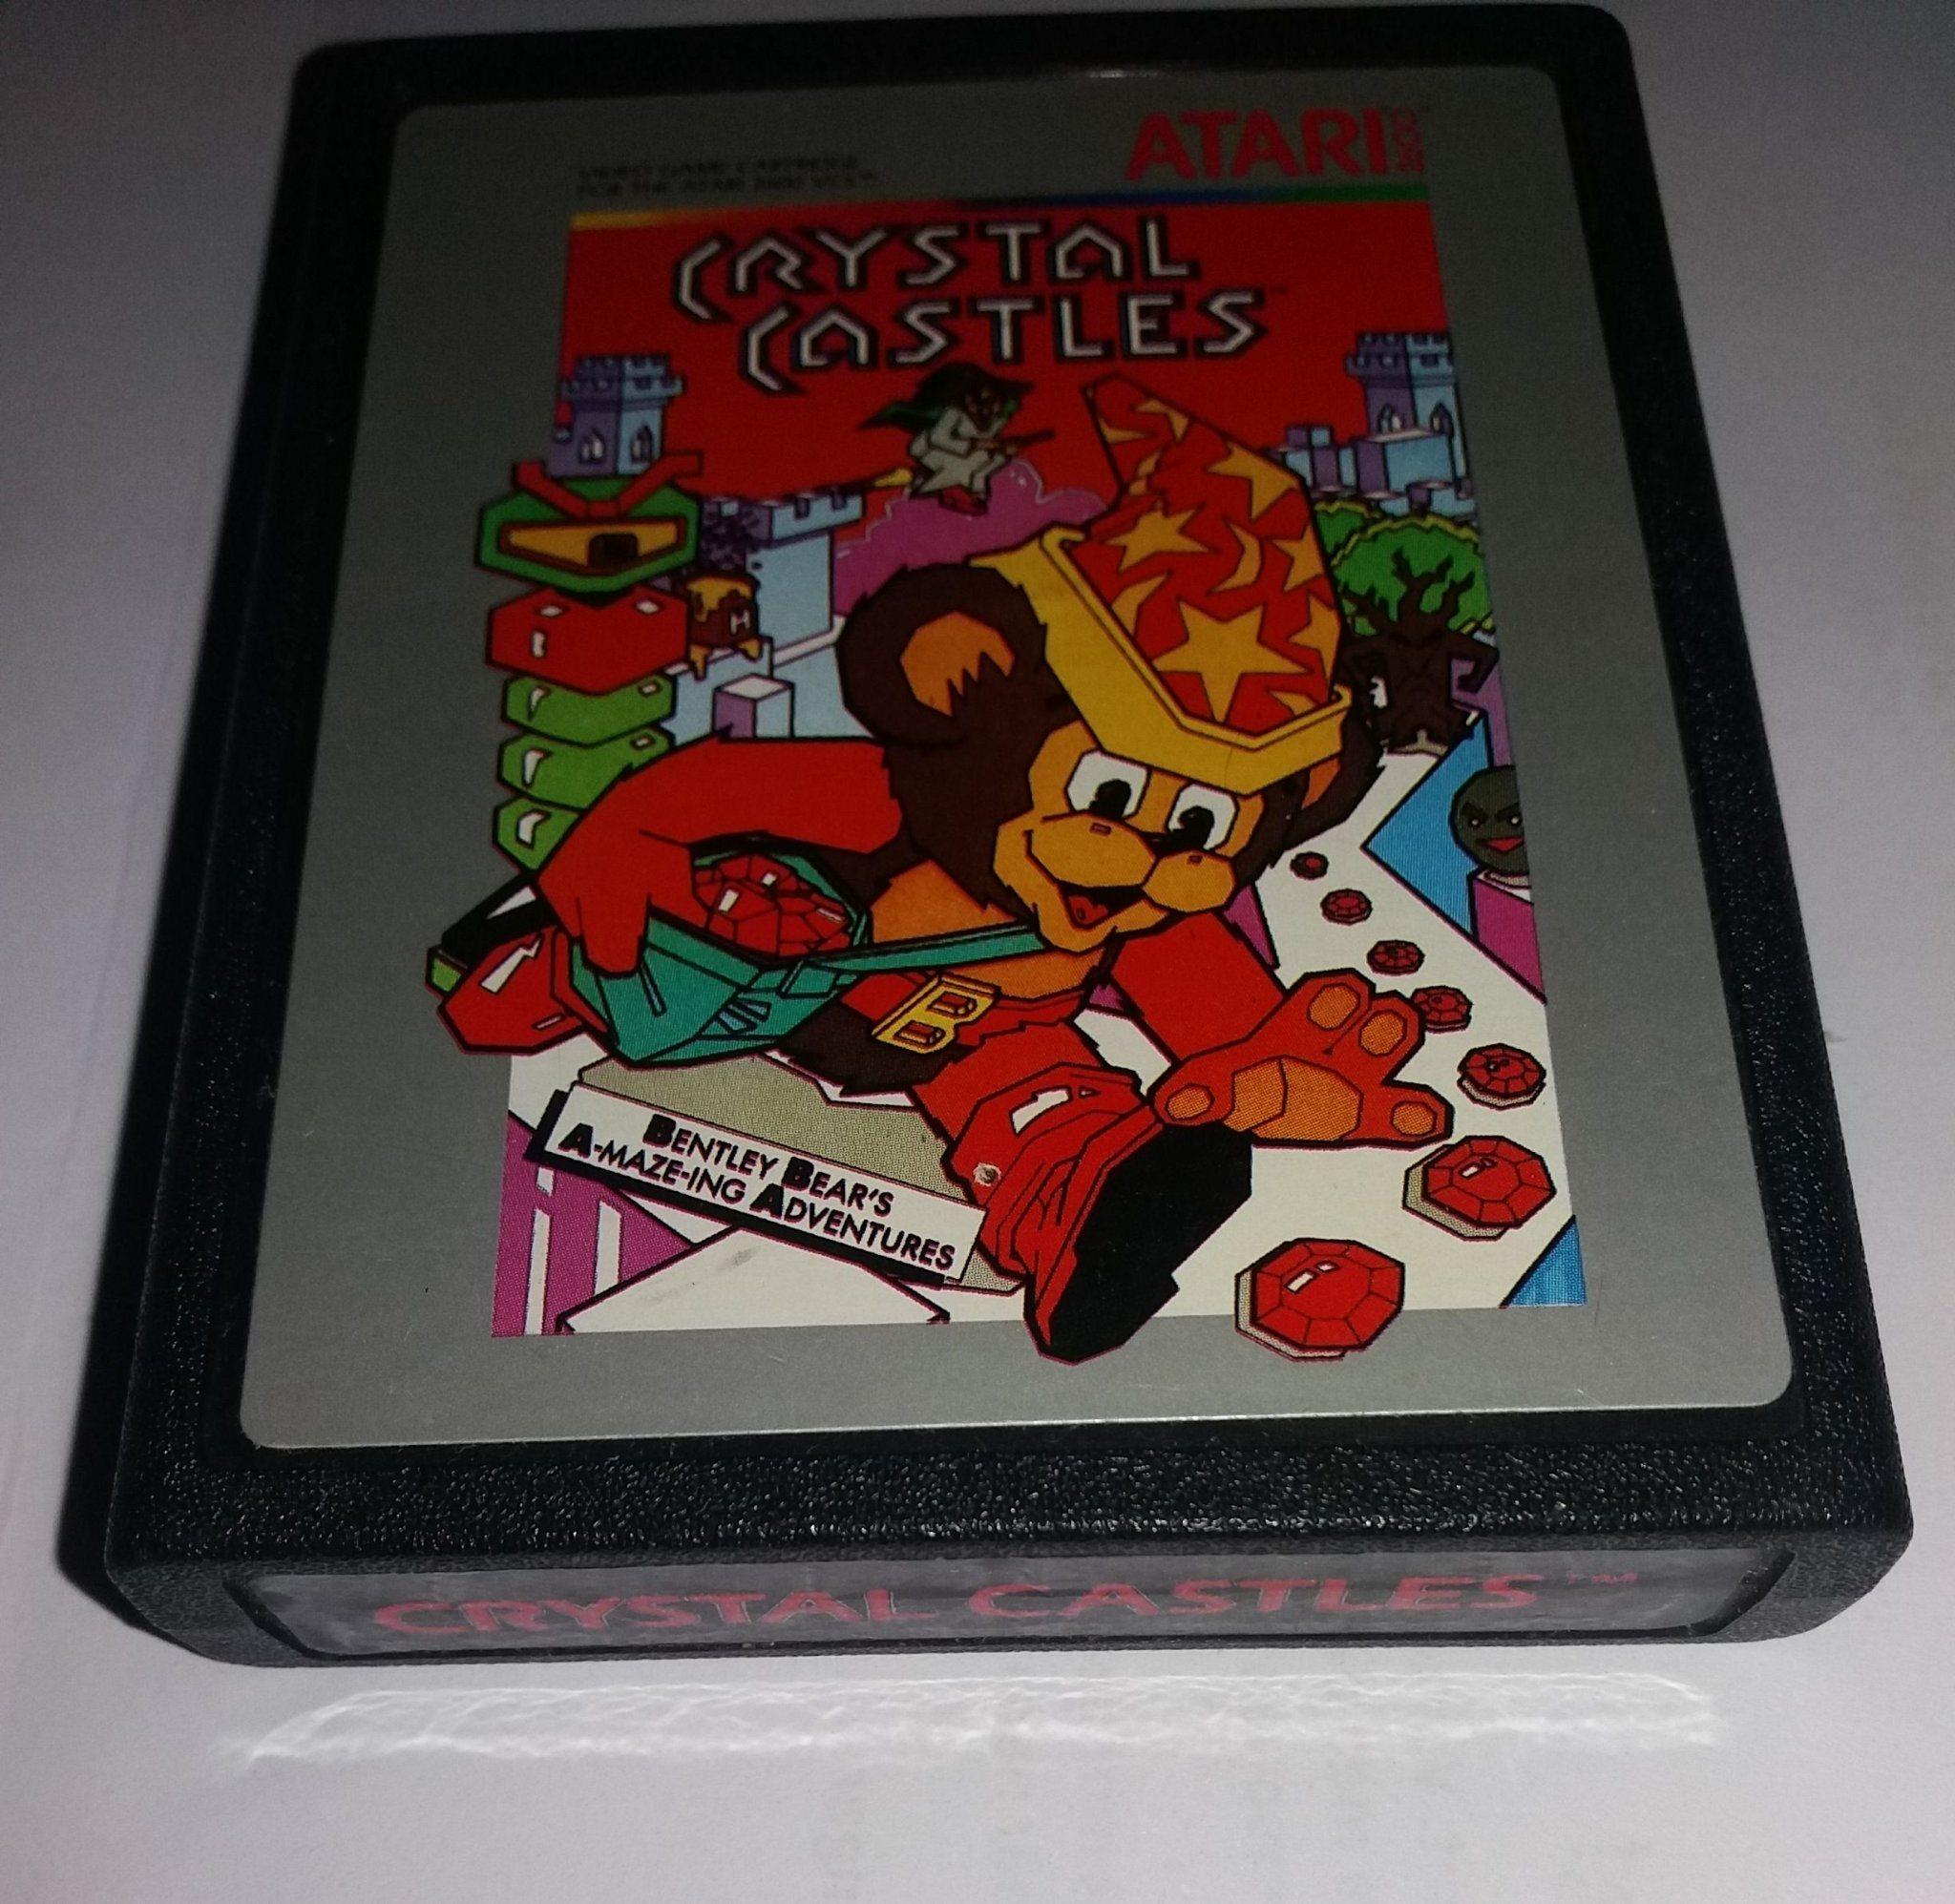 Crystal Castles - Atari 2600 (353587039) ᐈ Köp på Tradera